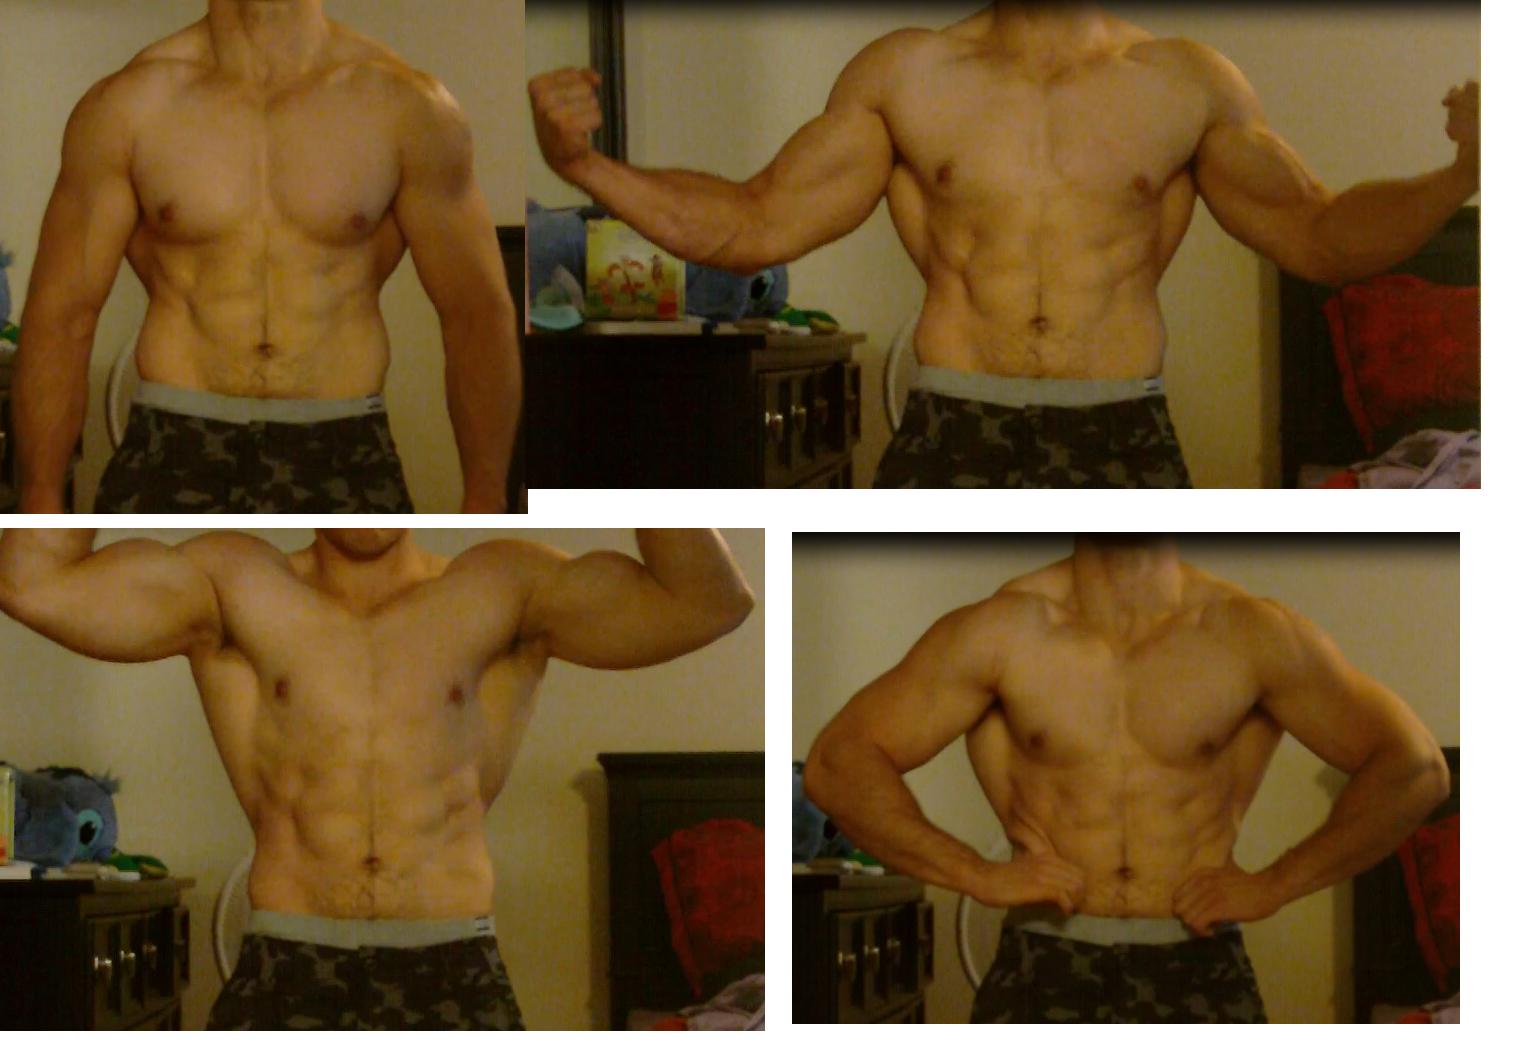 5/3/1 not good for aesthetics? : Fitness